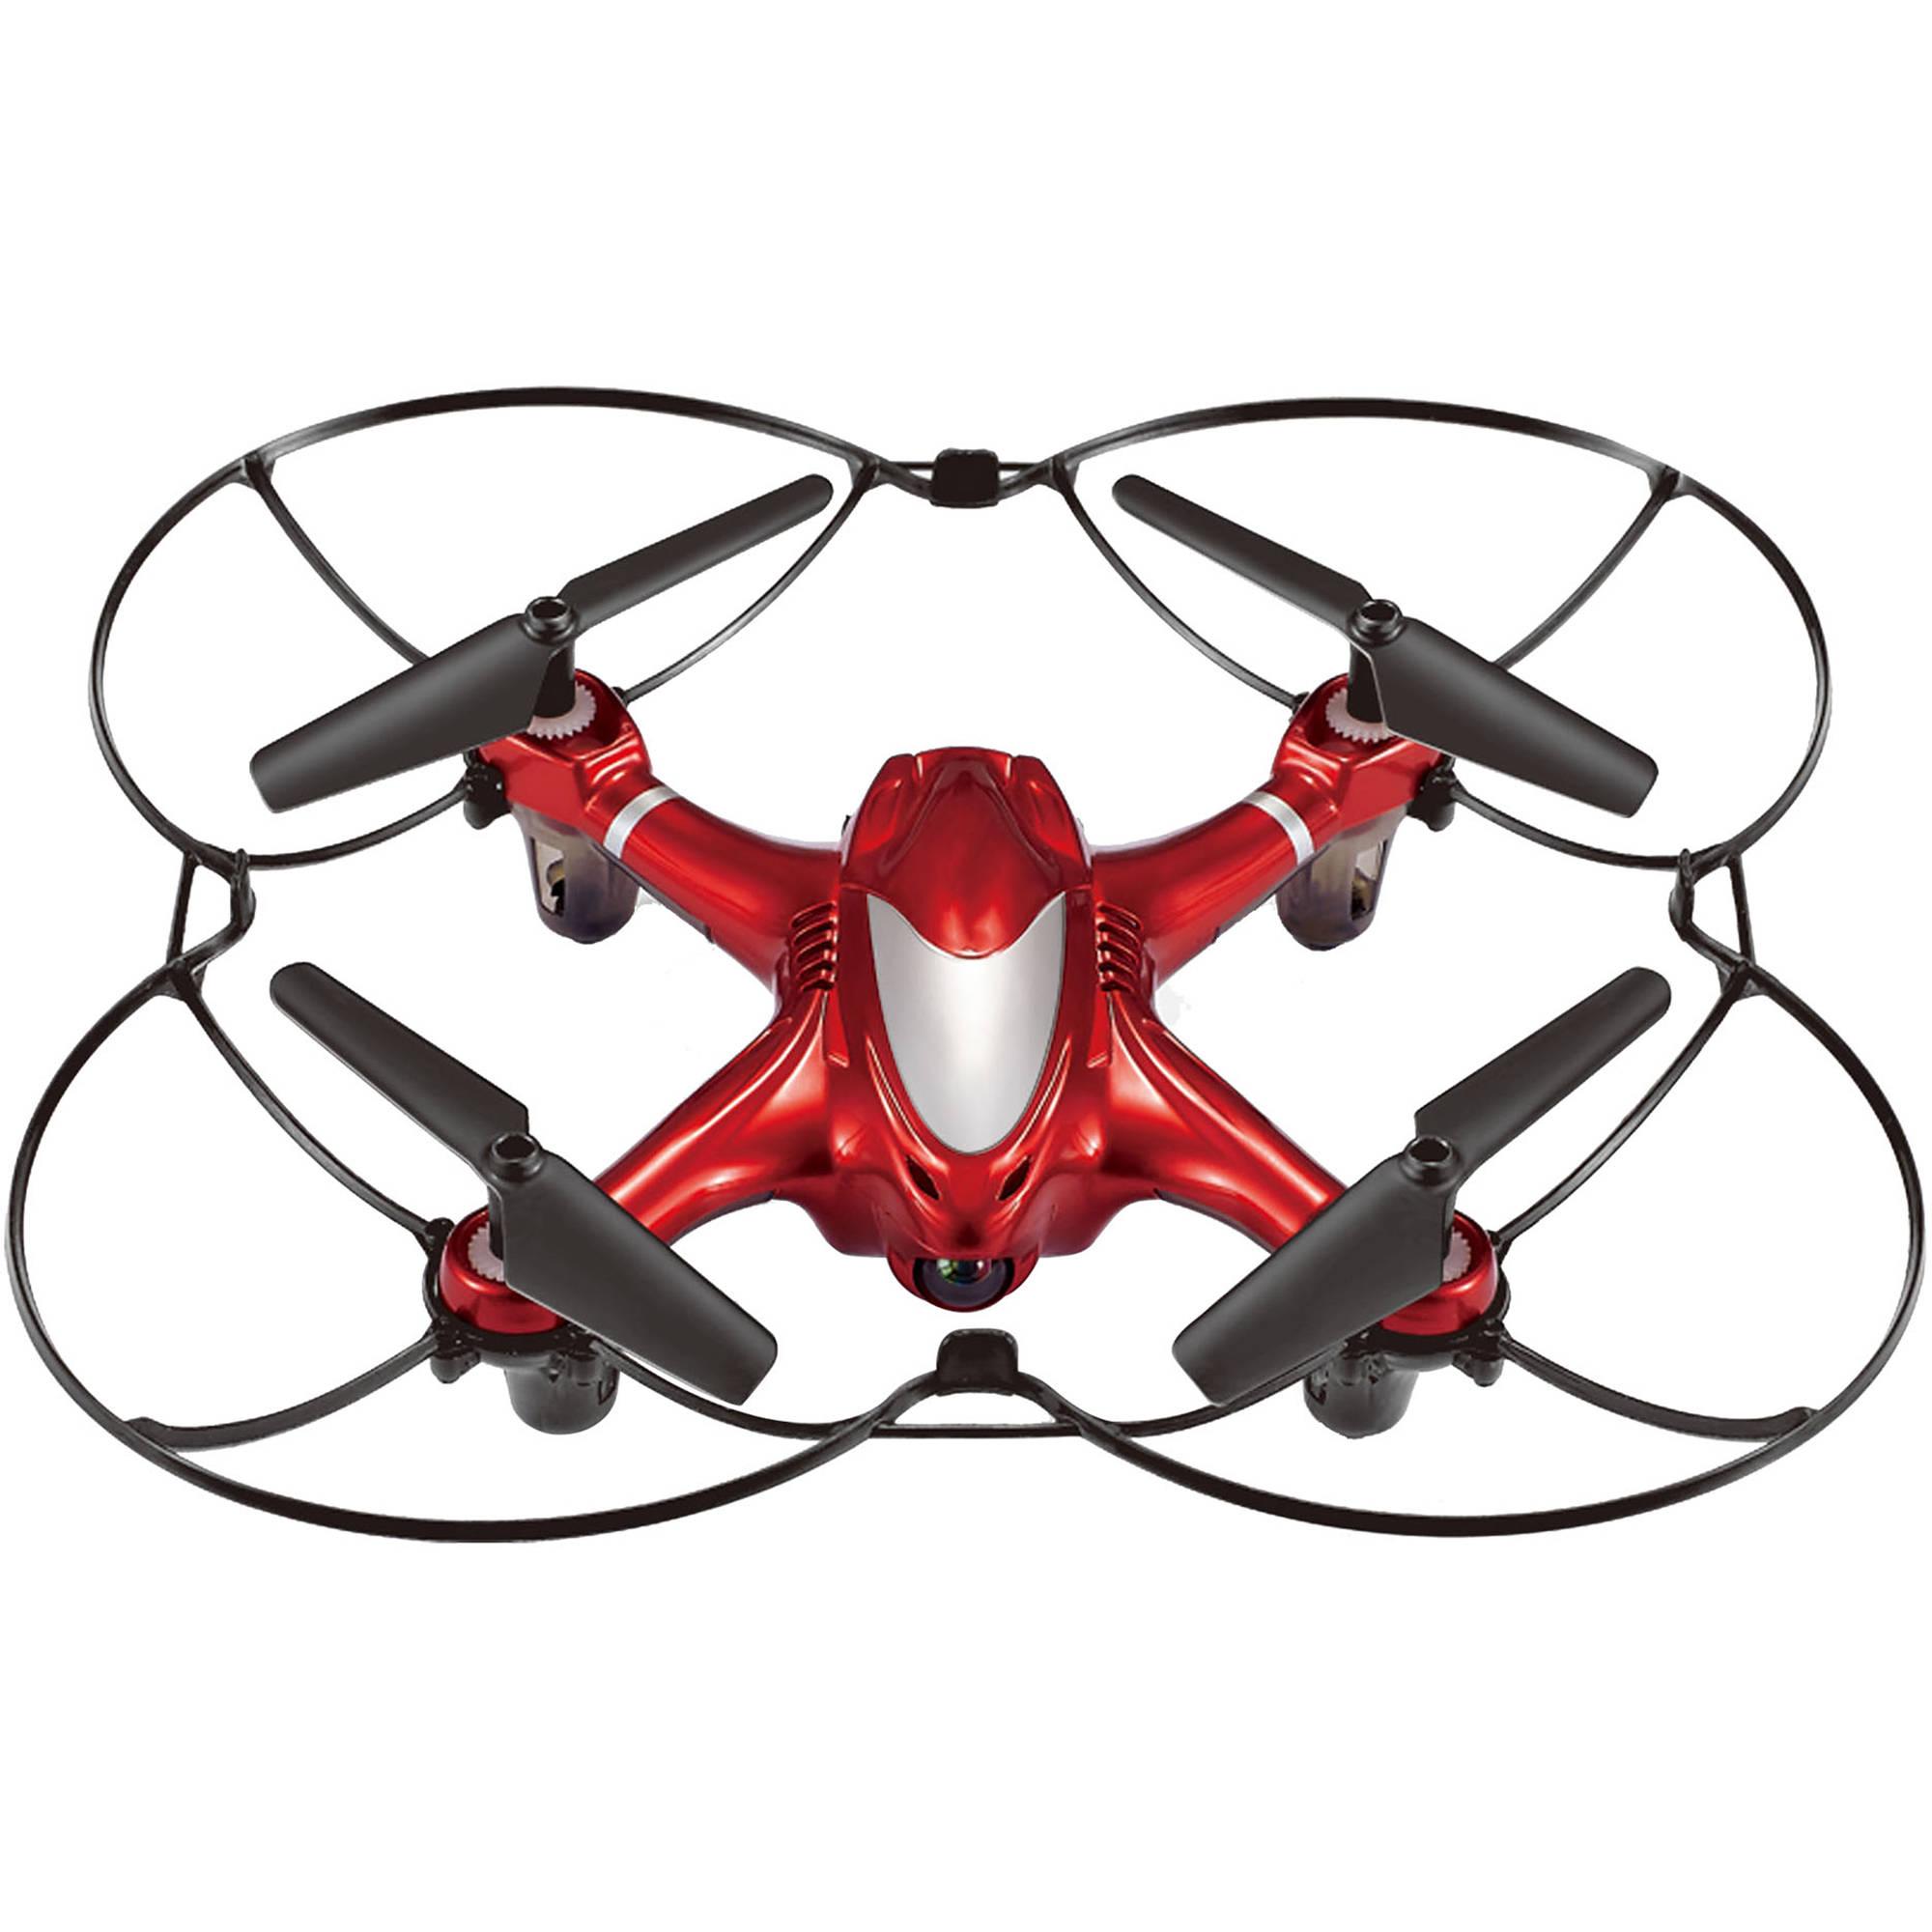 riviera nano cam quadcopter red black riv 700c rb b h photo  riviera nano cam quadcopter red black